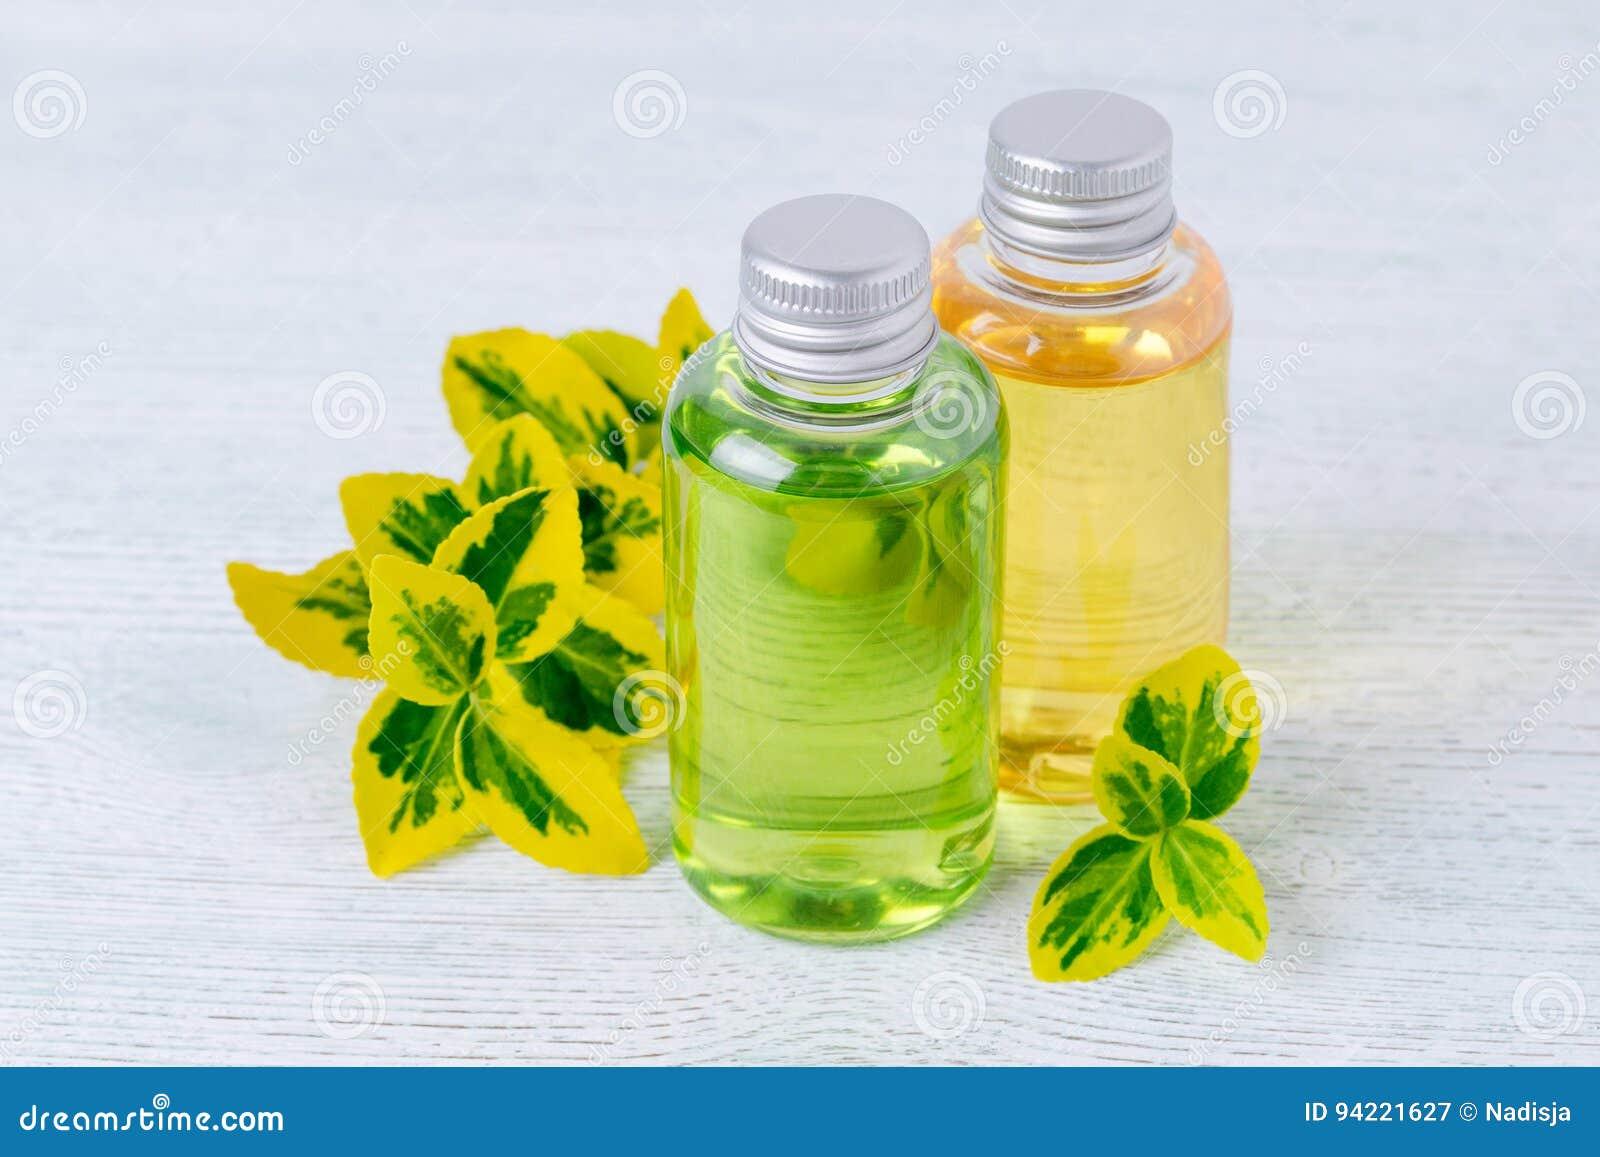 Flessen natuurlijke douchegel en shampoo met installaties